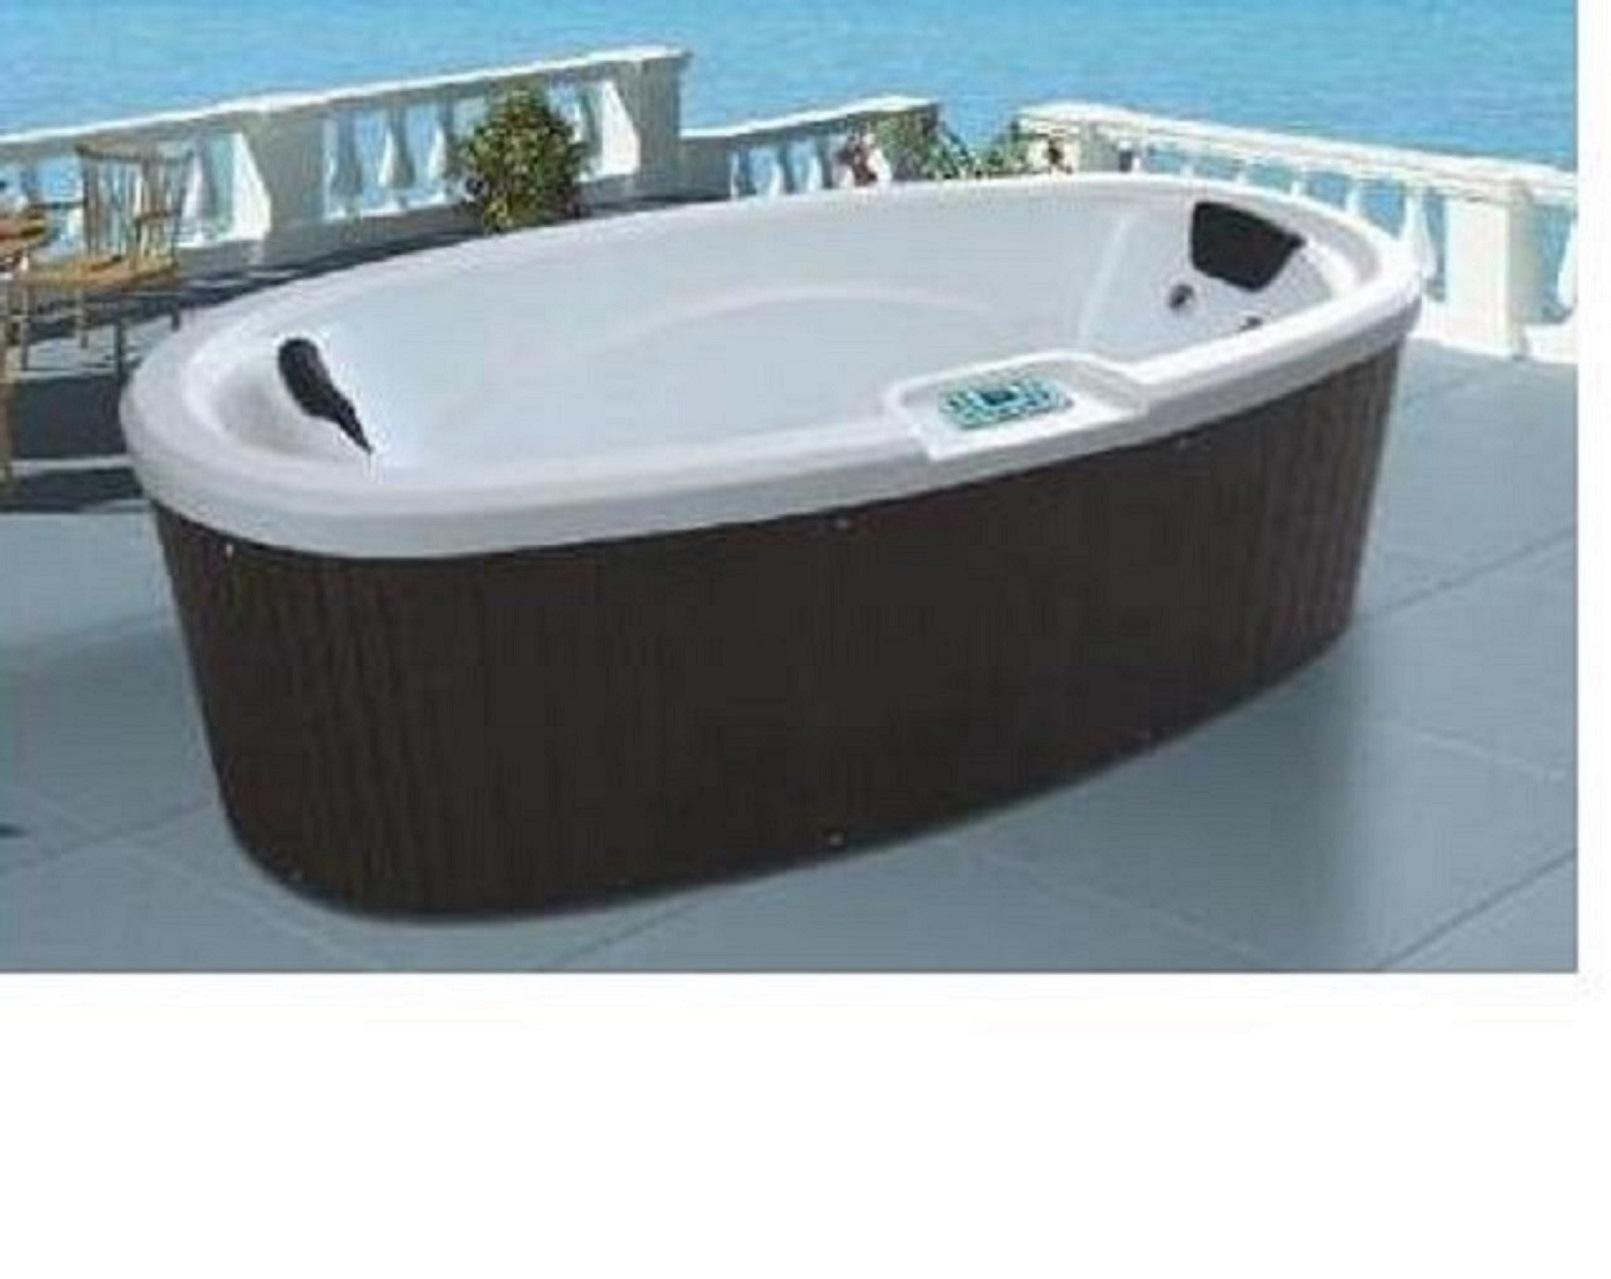 China Monalisa Acrylic Outdoor Massage SPA Bathtub Hot Tub Jacuzzi ...